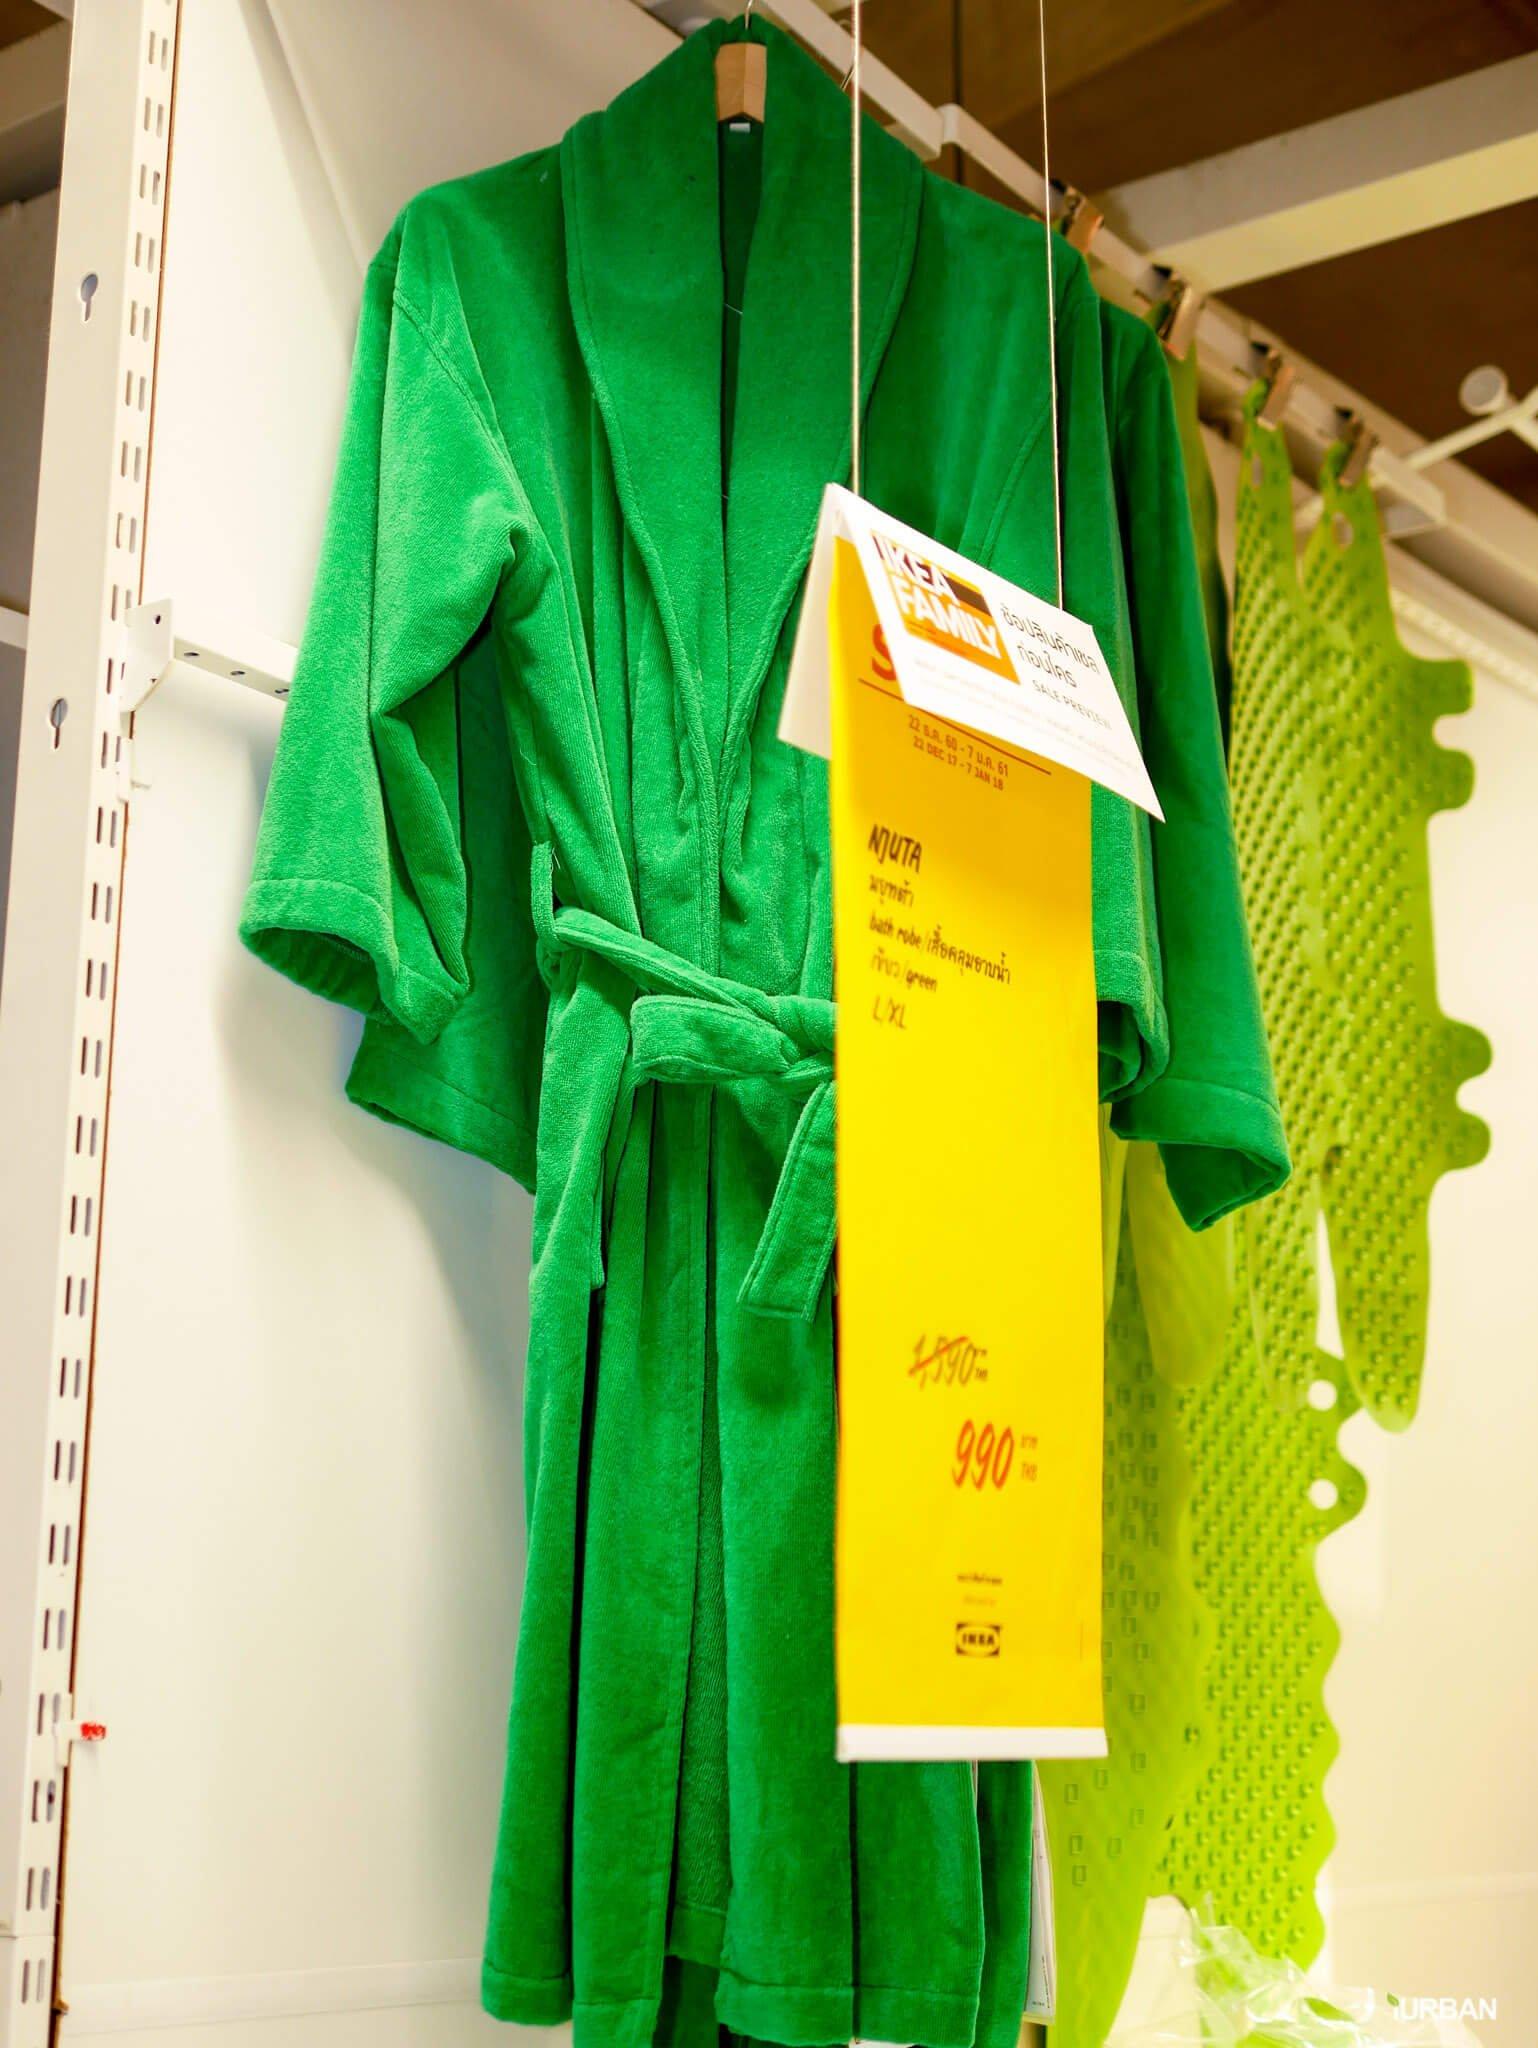 มันเยอะมากกกก!! IKEA Year End SALE 2017 รวมของเซลในอิเกีย ลดเยอะ ลดแหลก รีบพุ่งตัวไป วันนี้ - 7 มกราคม 61 164 - IKEA (อิเกีย)